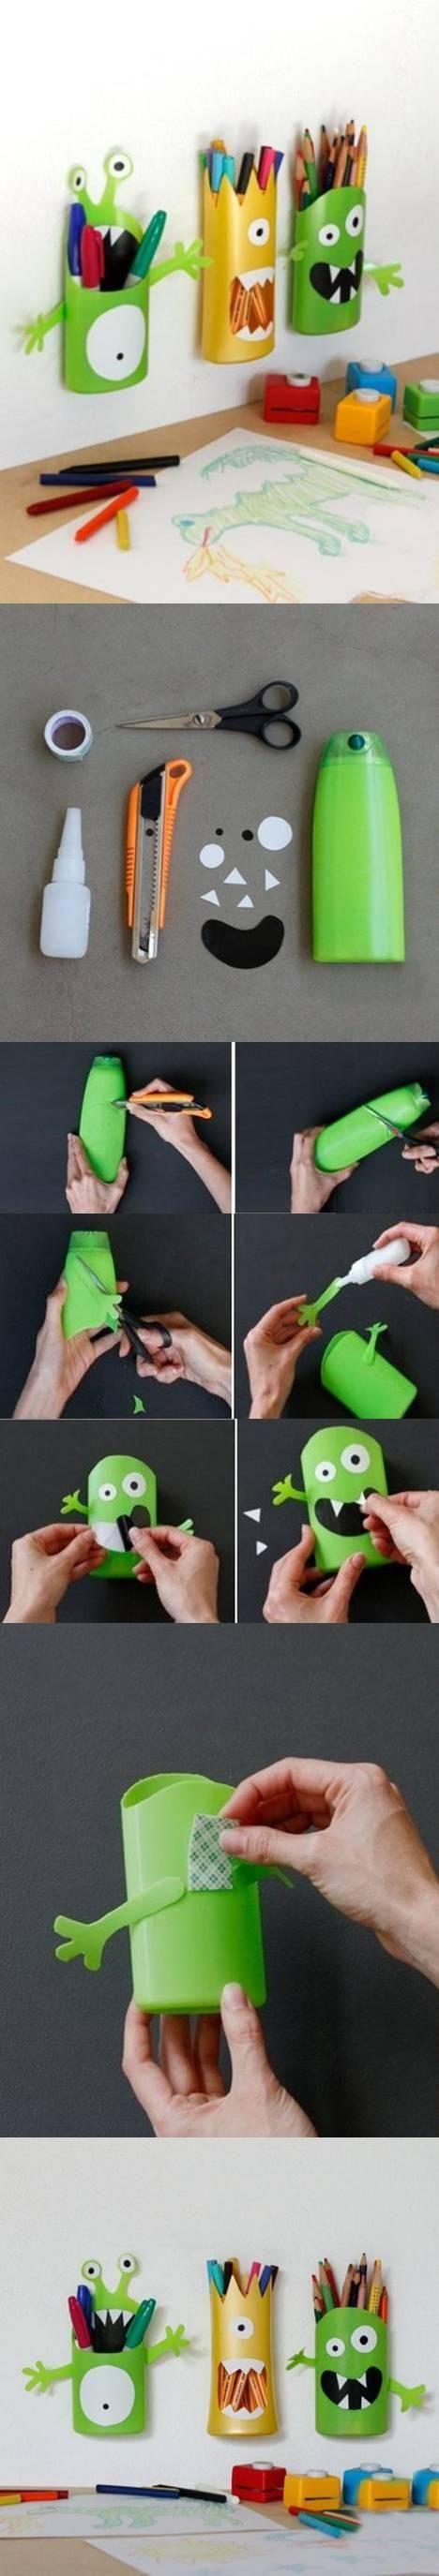 DIY Shampoo Bottle Monster Pencil Holder DIY Shampoo Bottle Monster Pencil Holder